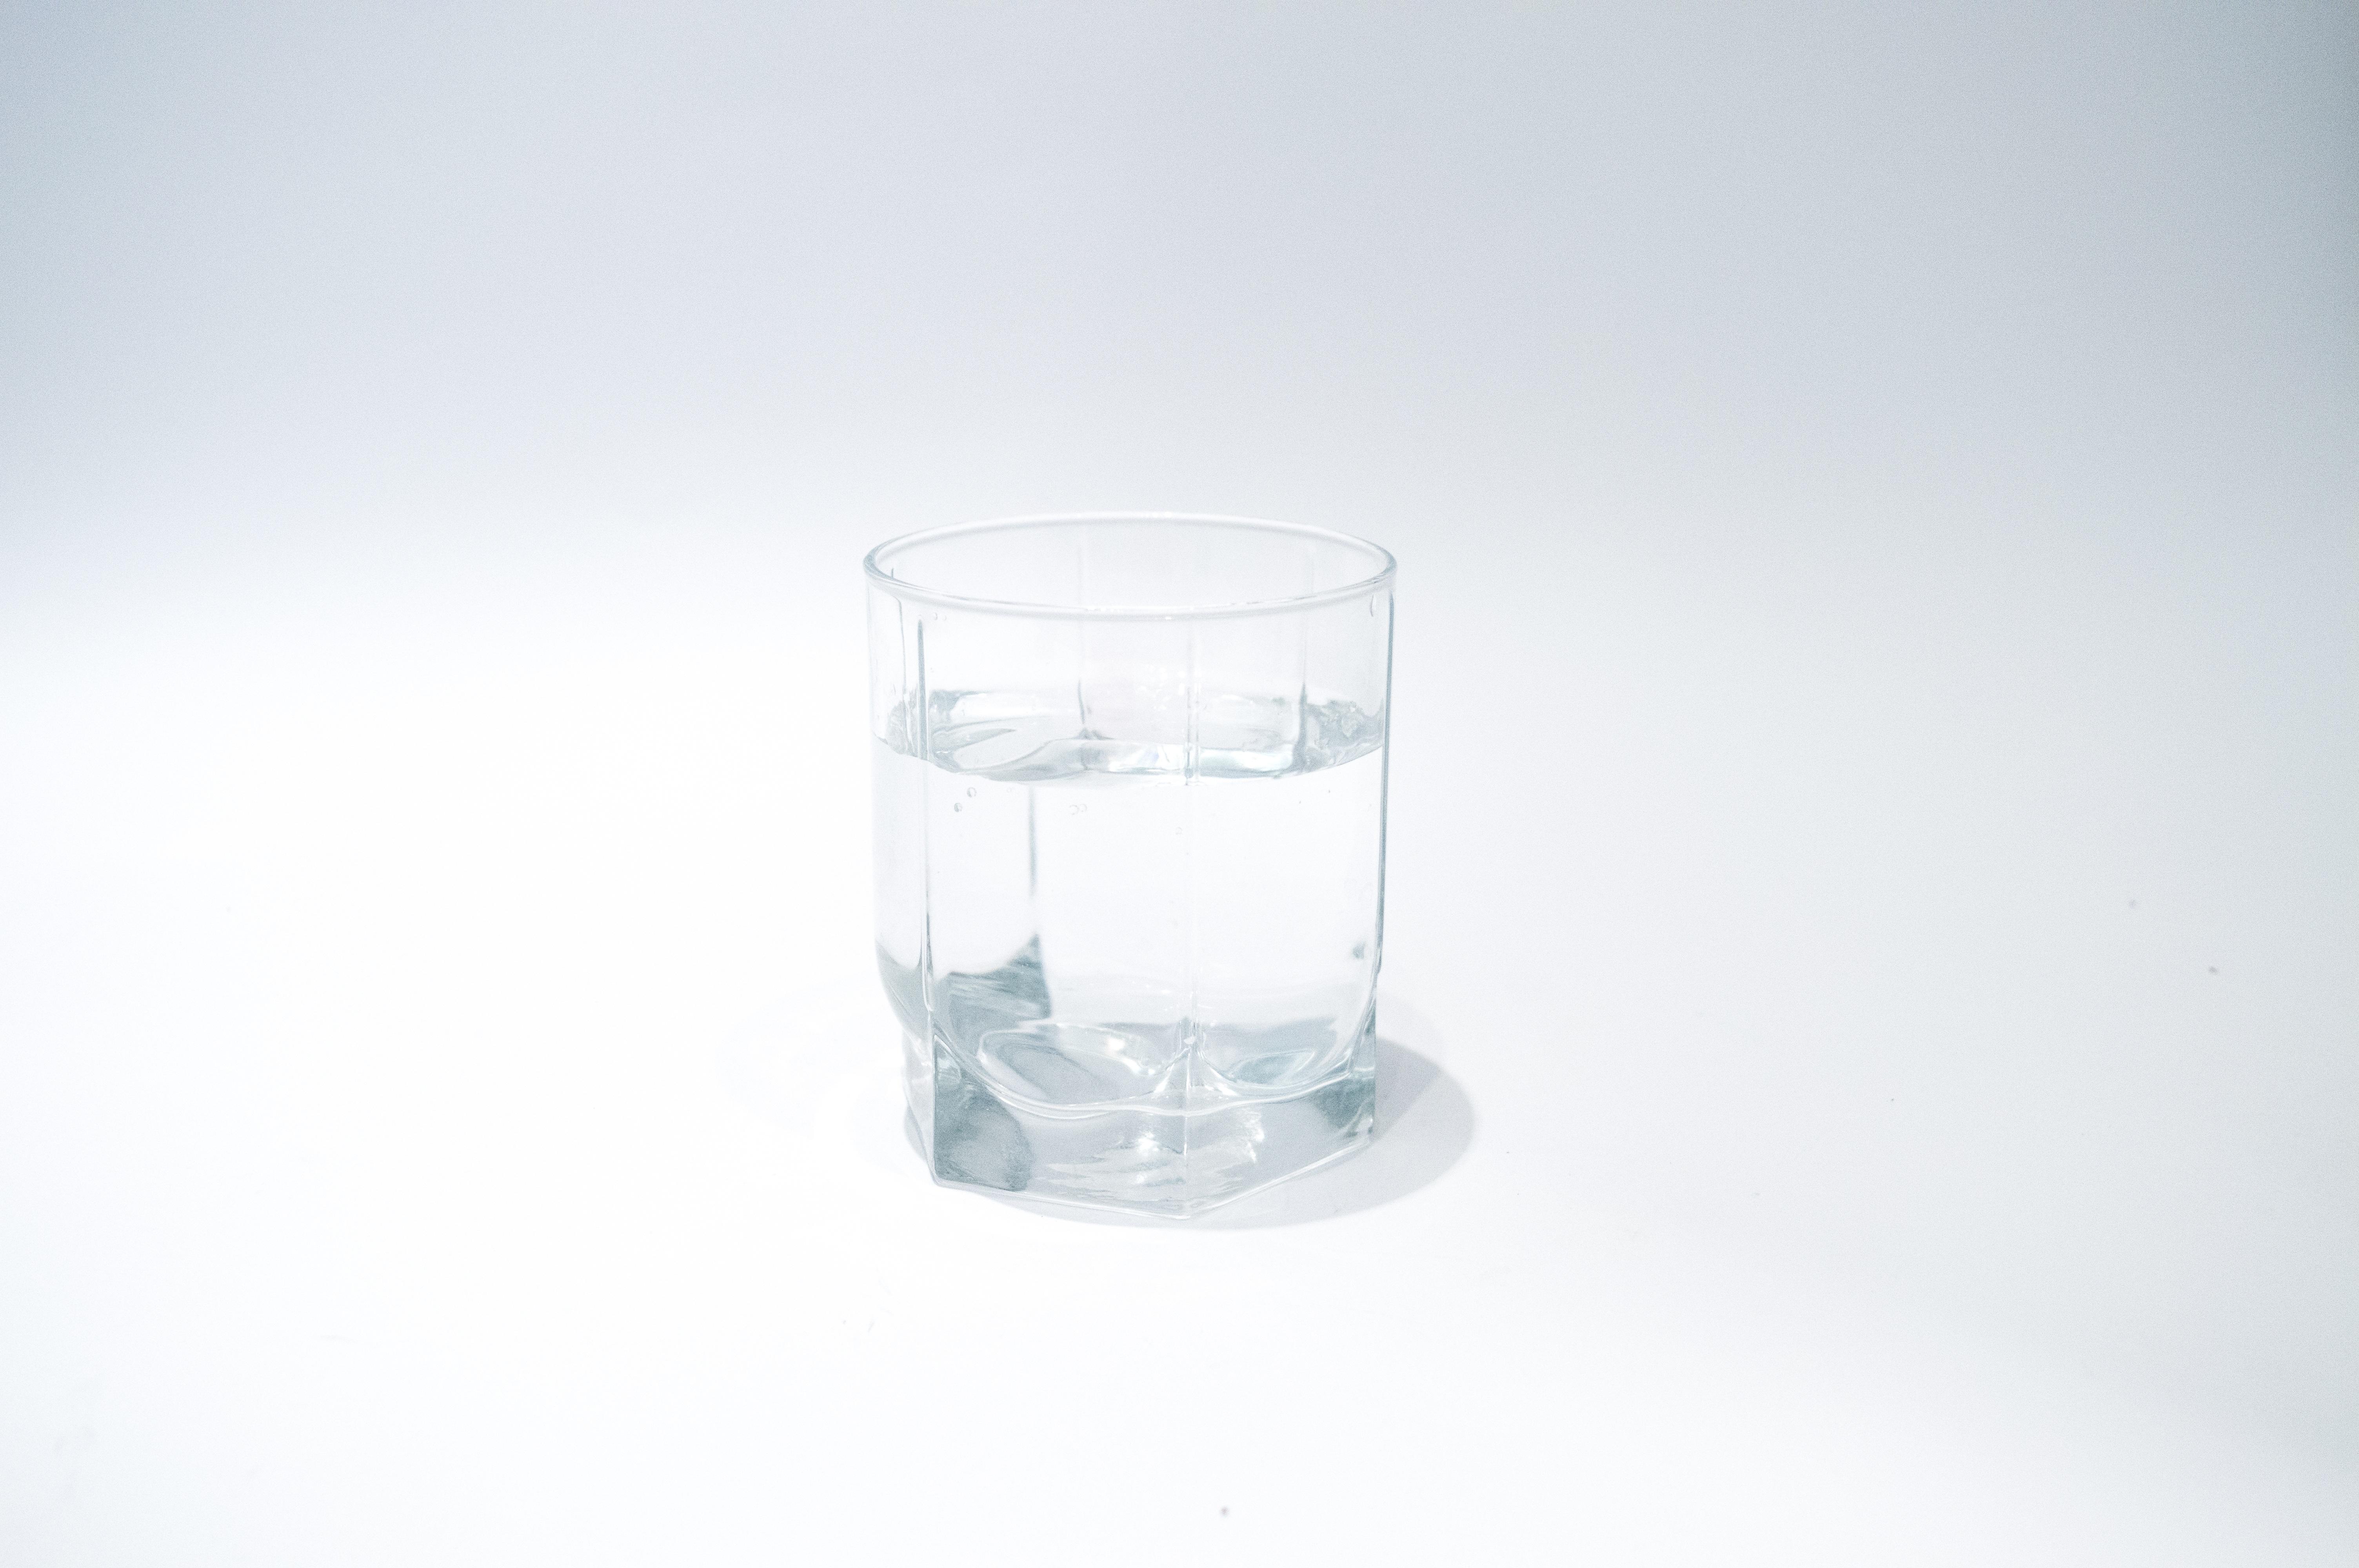 glass-531203